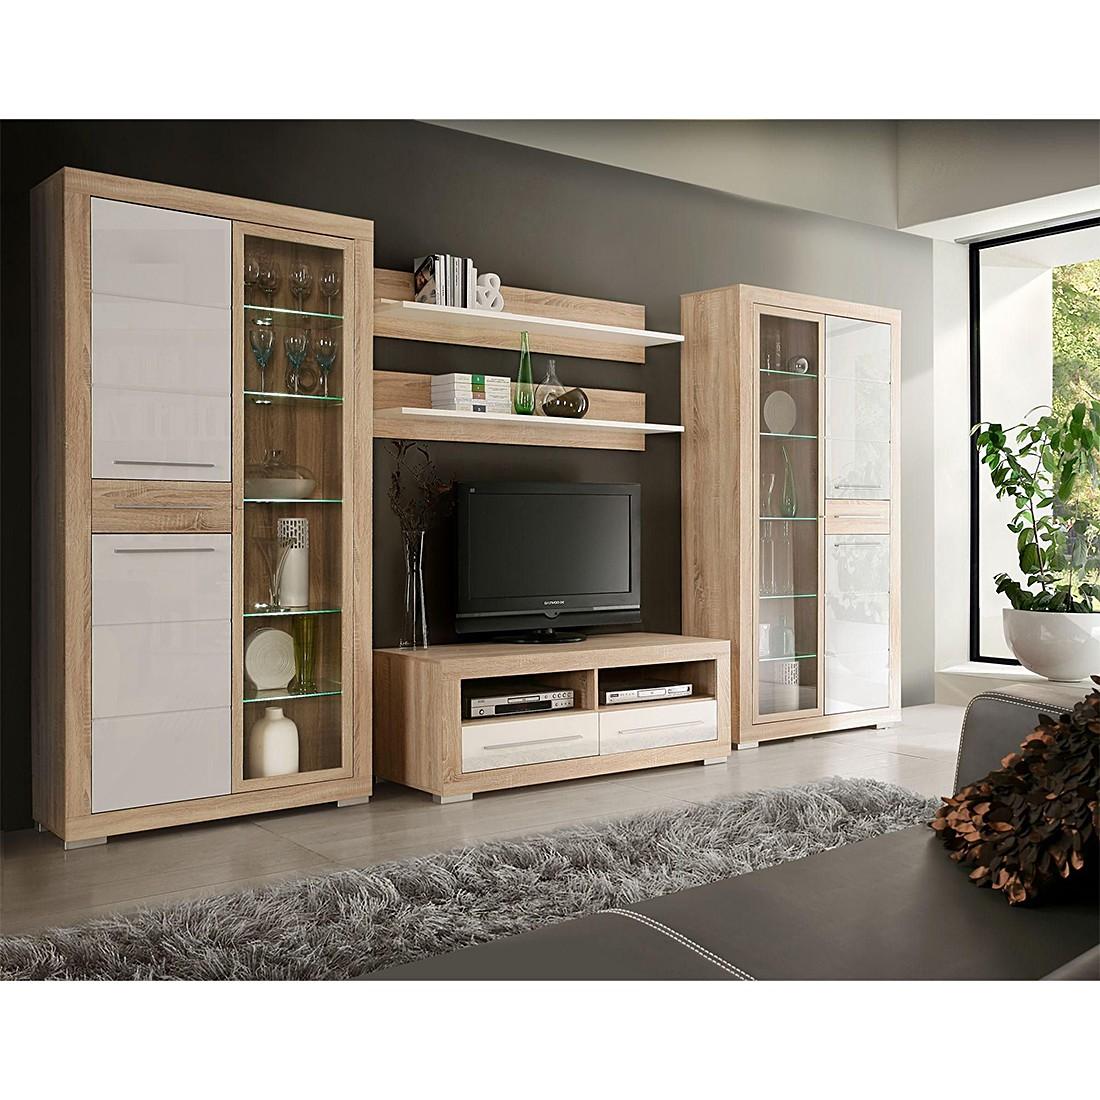 wohnwand hngeschrank elegant tolles frische haus ideen wohnwand ohne schn hngeschrank wei. Black Bedroom Furniture Sets. Home Design Ideas